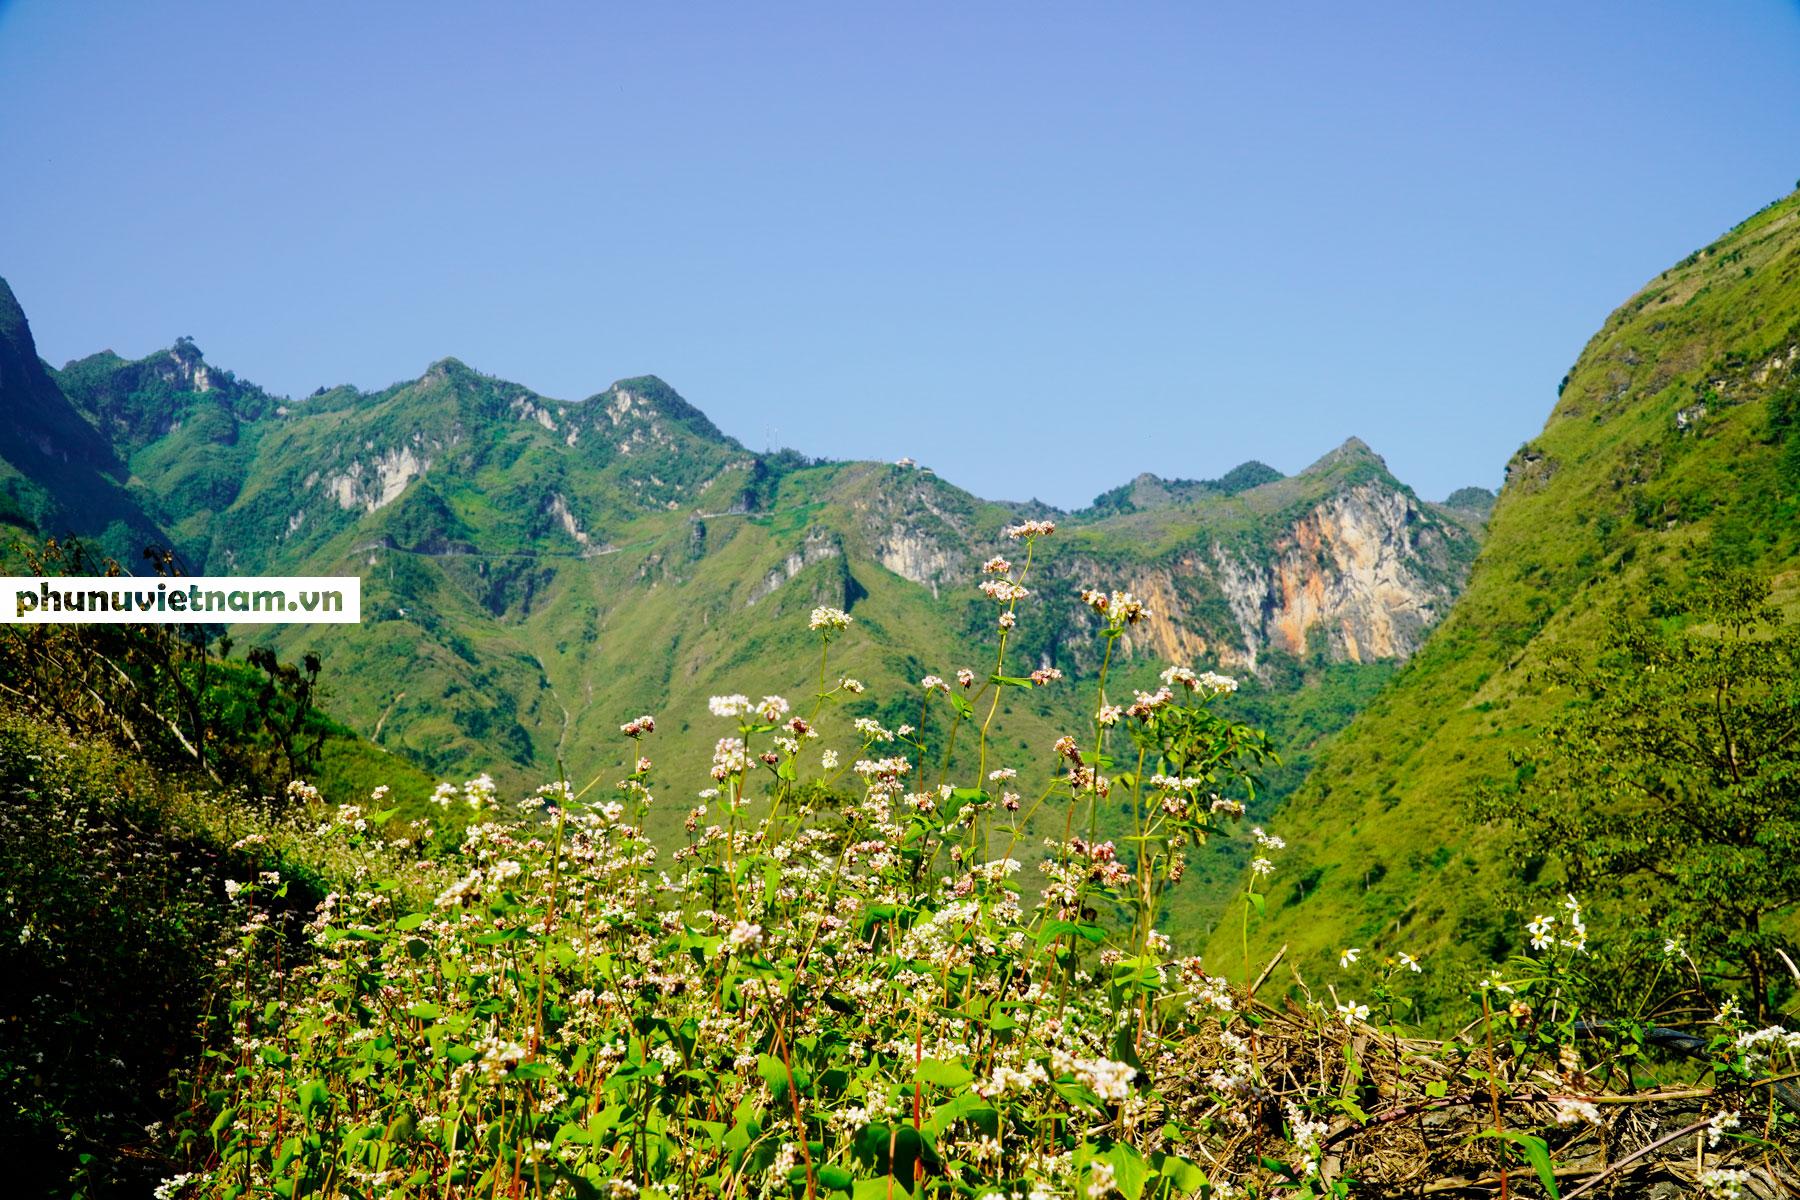 Mùa hoa tam giác mạch đong đầy nỗi nhớ trên Cao nguyên đá Hà Giang - Ảnh 3.